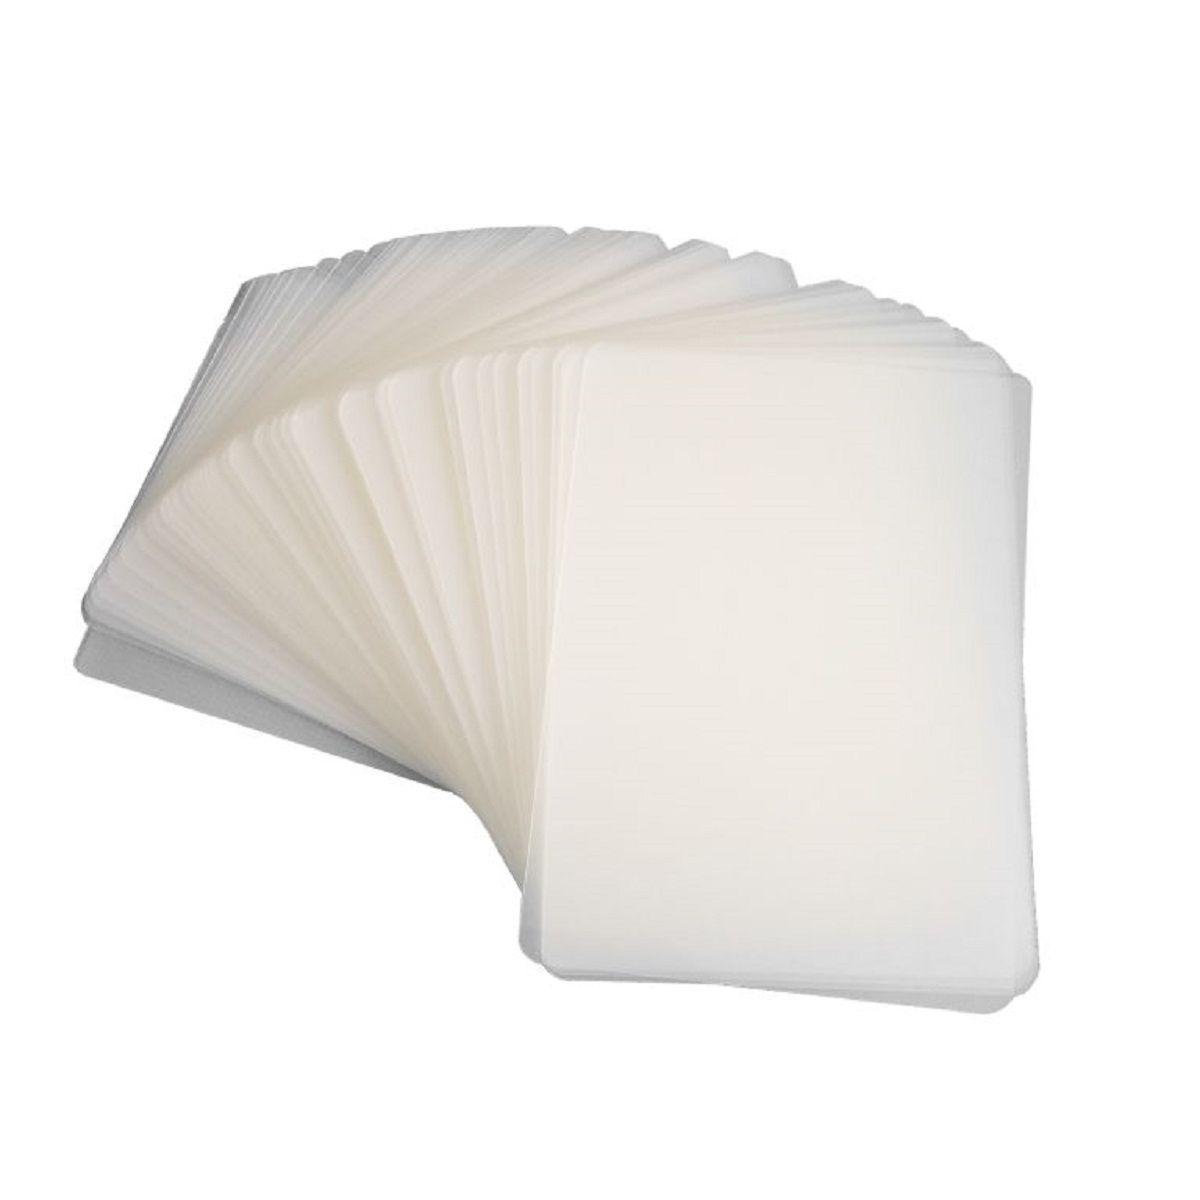 Polaseal para Plastificação 1/2 Oficio 170x226x0,10mm (250 micras) - Pacote com 20 Plásticos  - Click Suprimentos